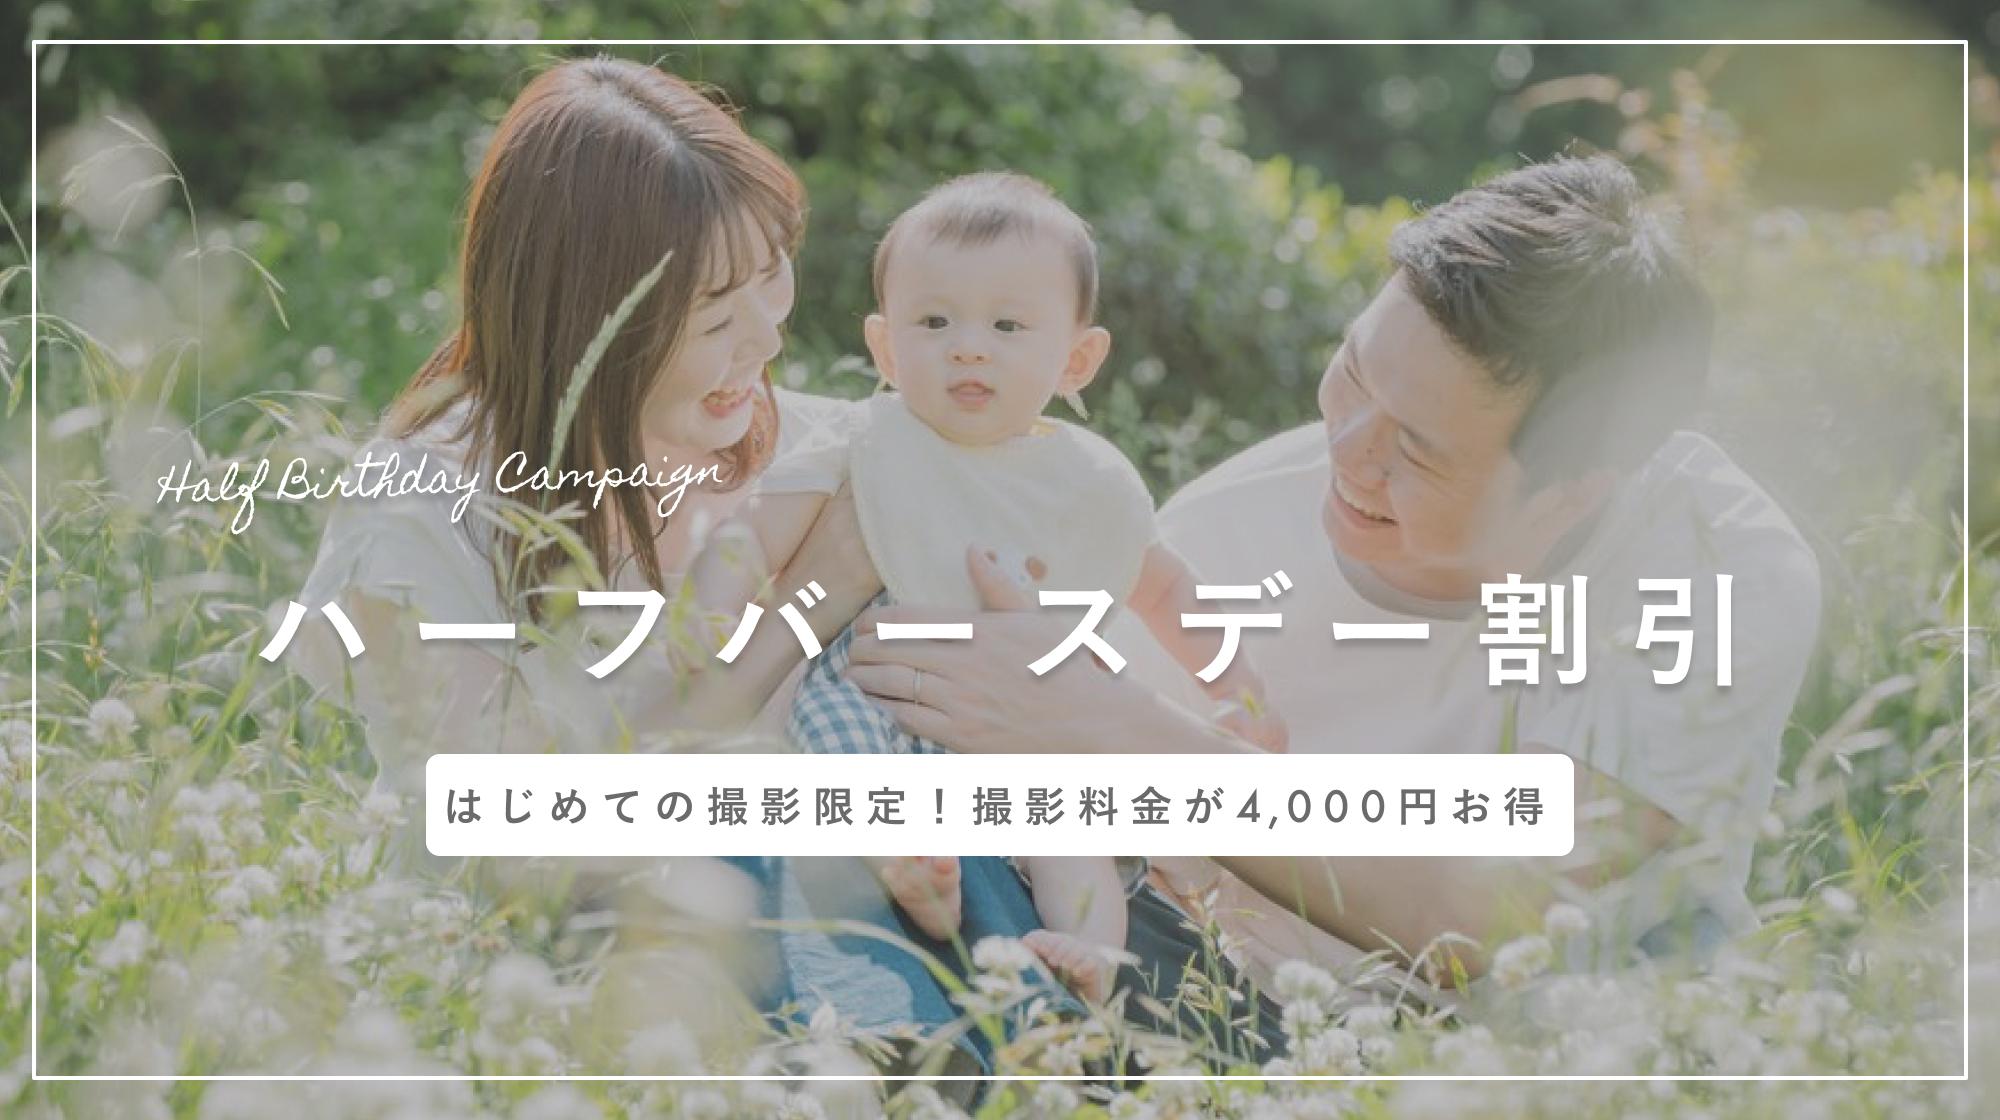 ハーフバースデーさん限定4,000円割引キャンペーン中!